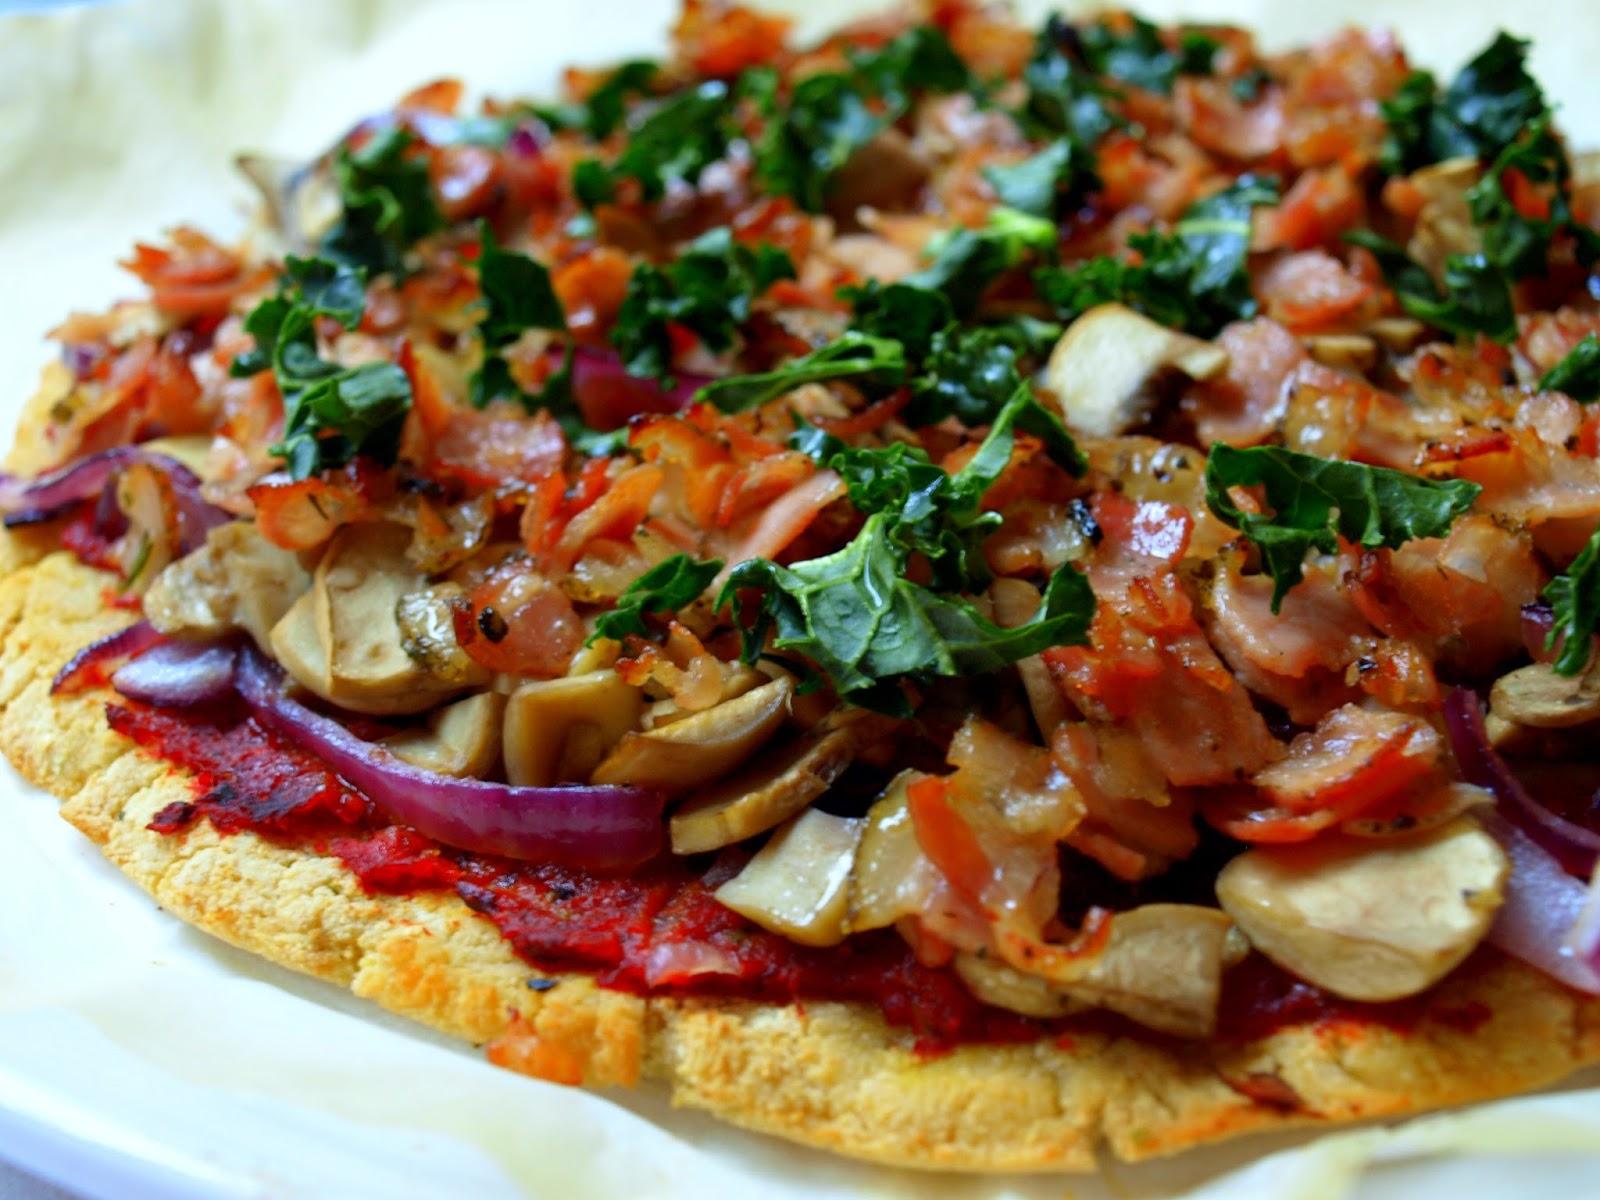 AIP Pizza farmerska z sosem pomidorowym (bez podmidorów)- bez glutenu, nabiału i psiankowatych